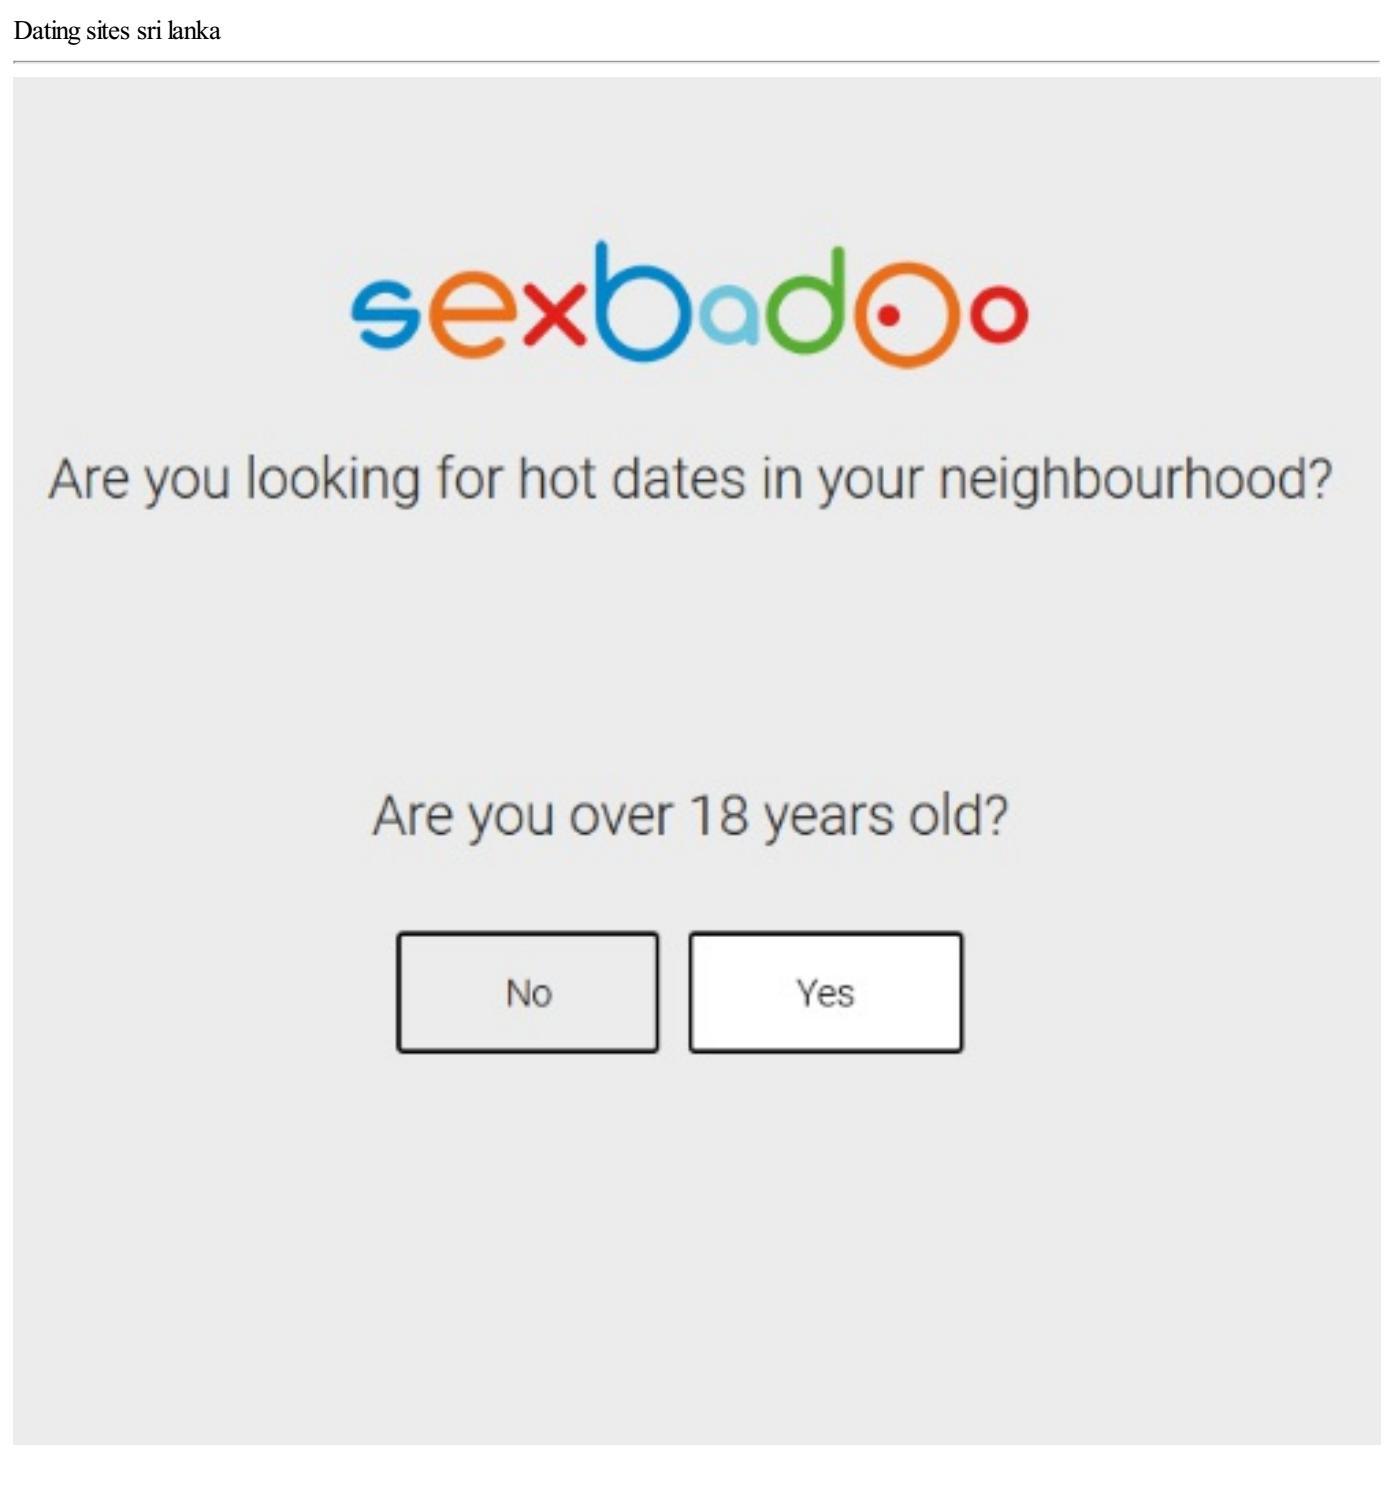 sri lanka dating websites meet market gay dating